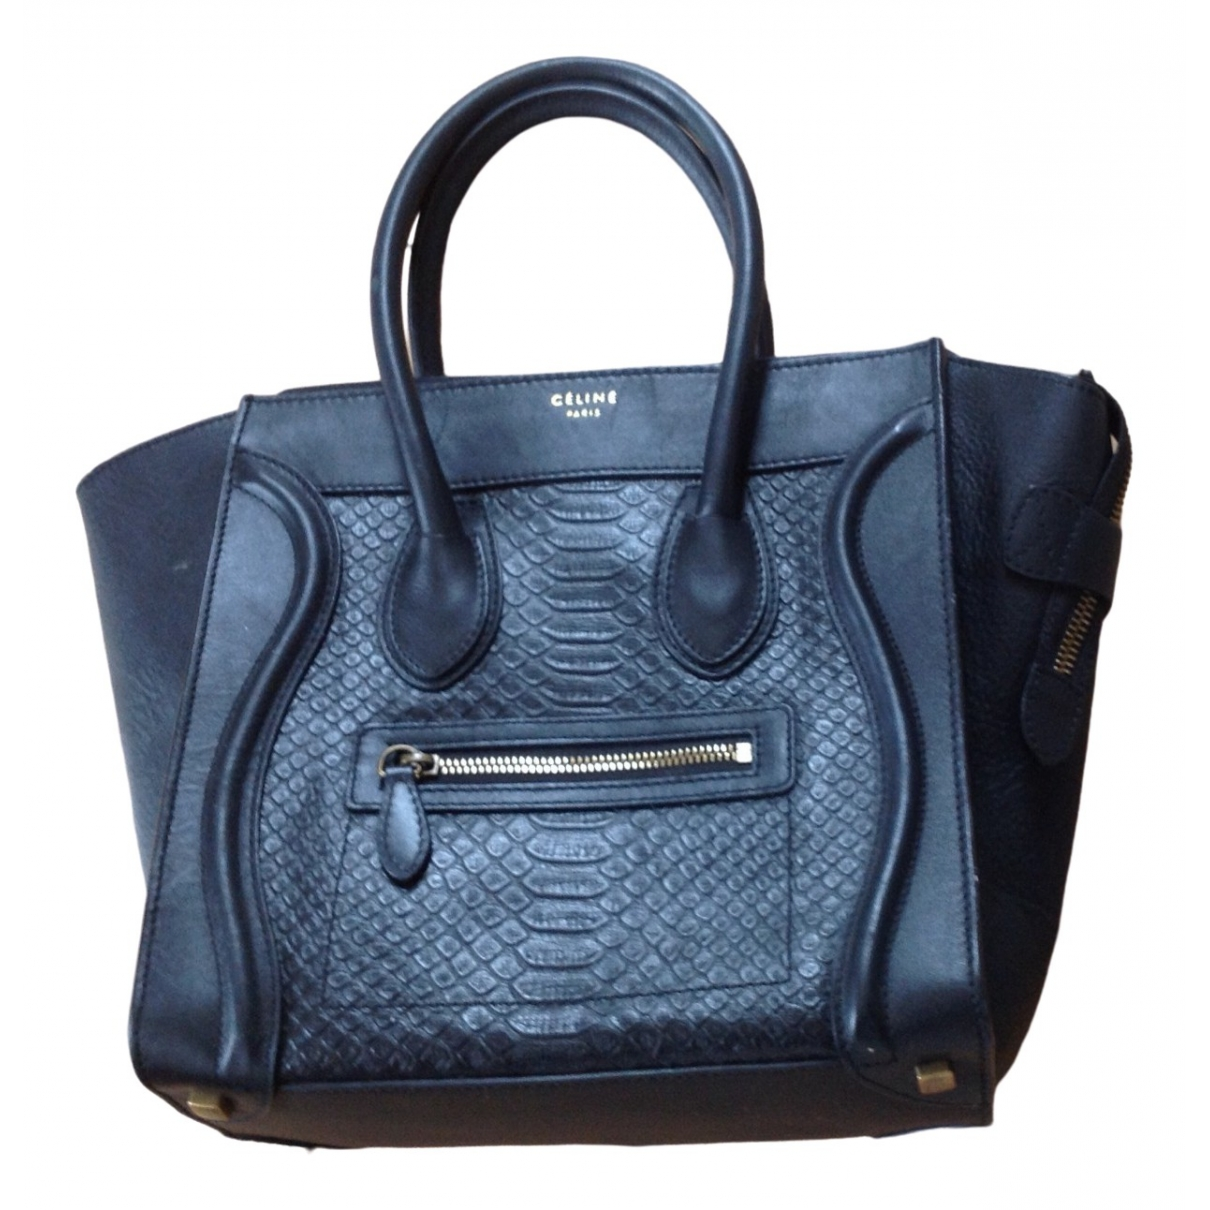 Celine - Sac a main Nano Luggage pour femme en cuir - noir